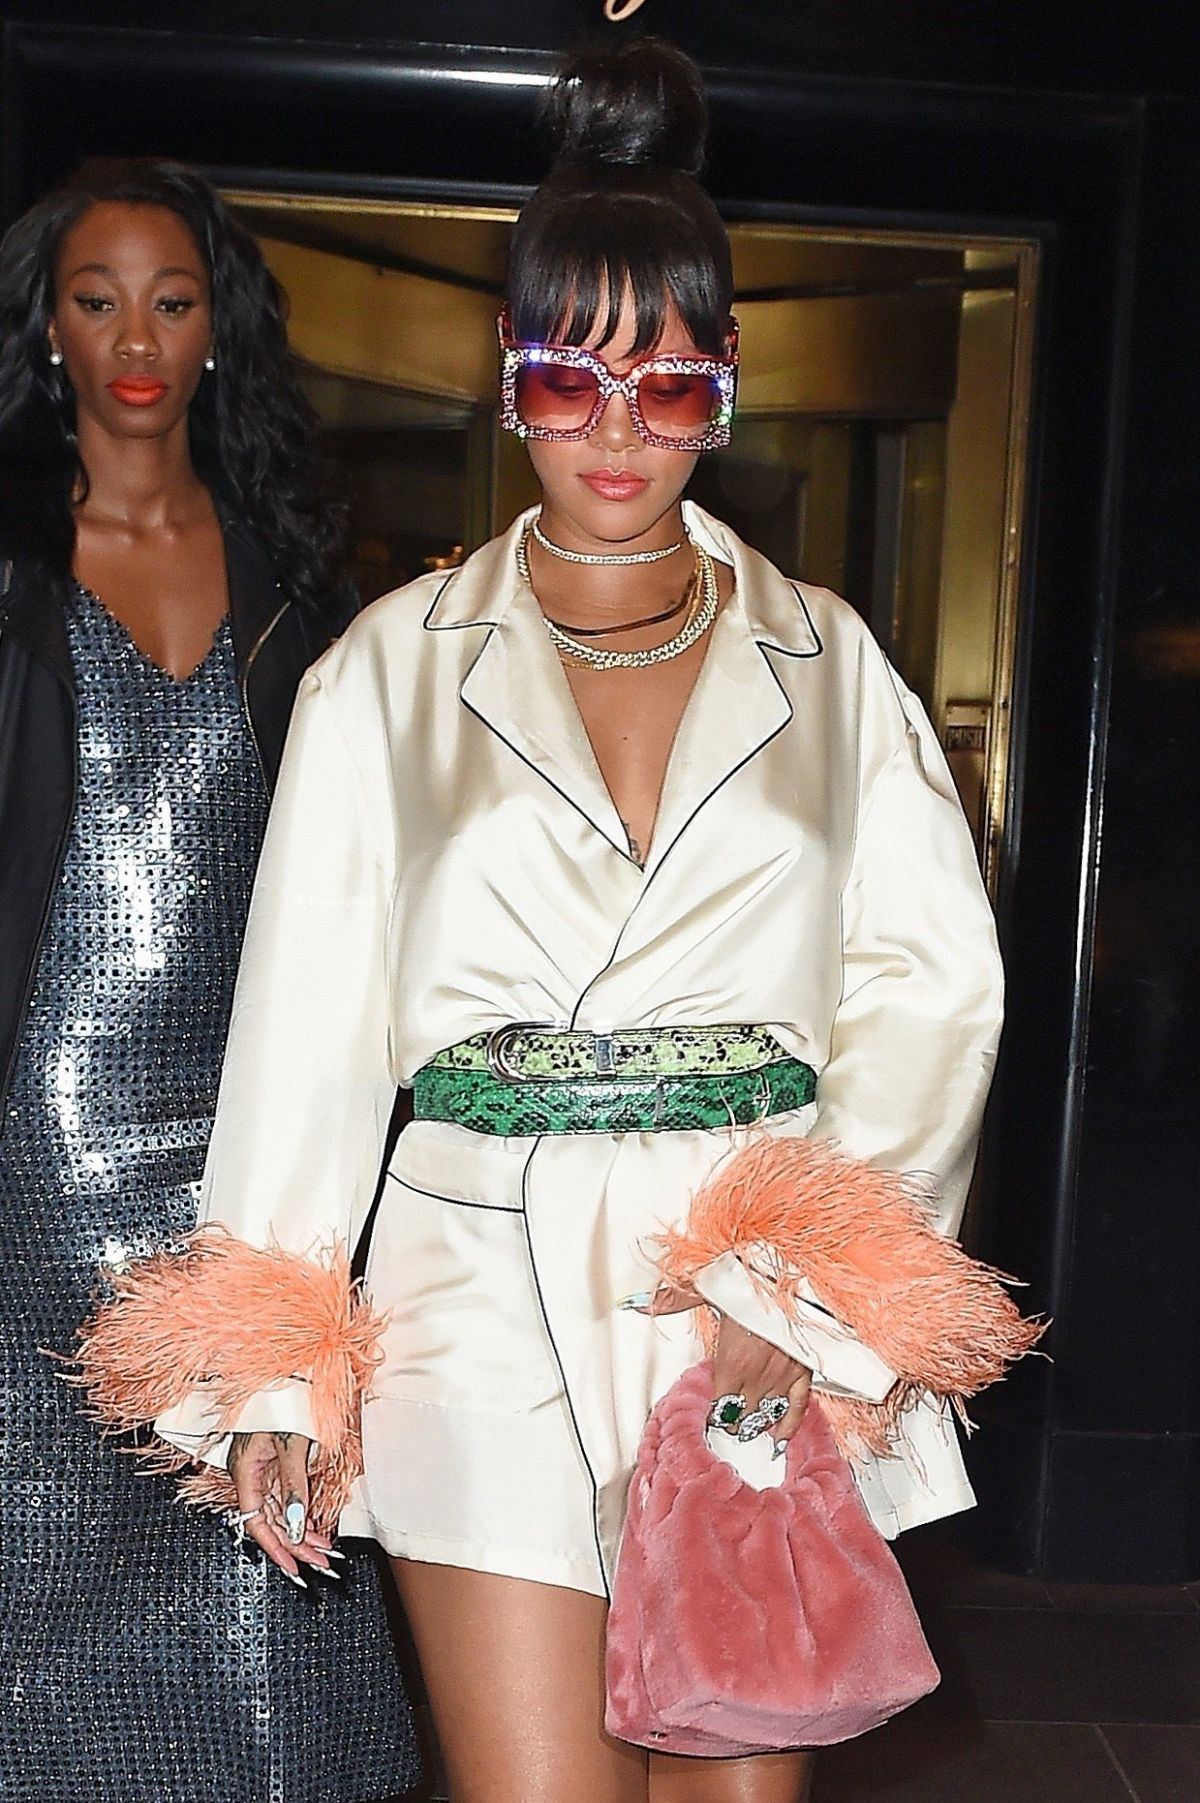 Nem is Rihanna lenne, ha nem került volna némi marabutoll a szettbe